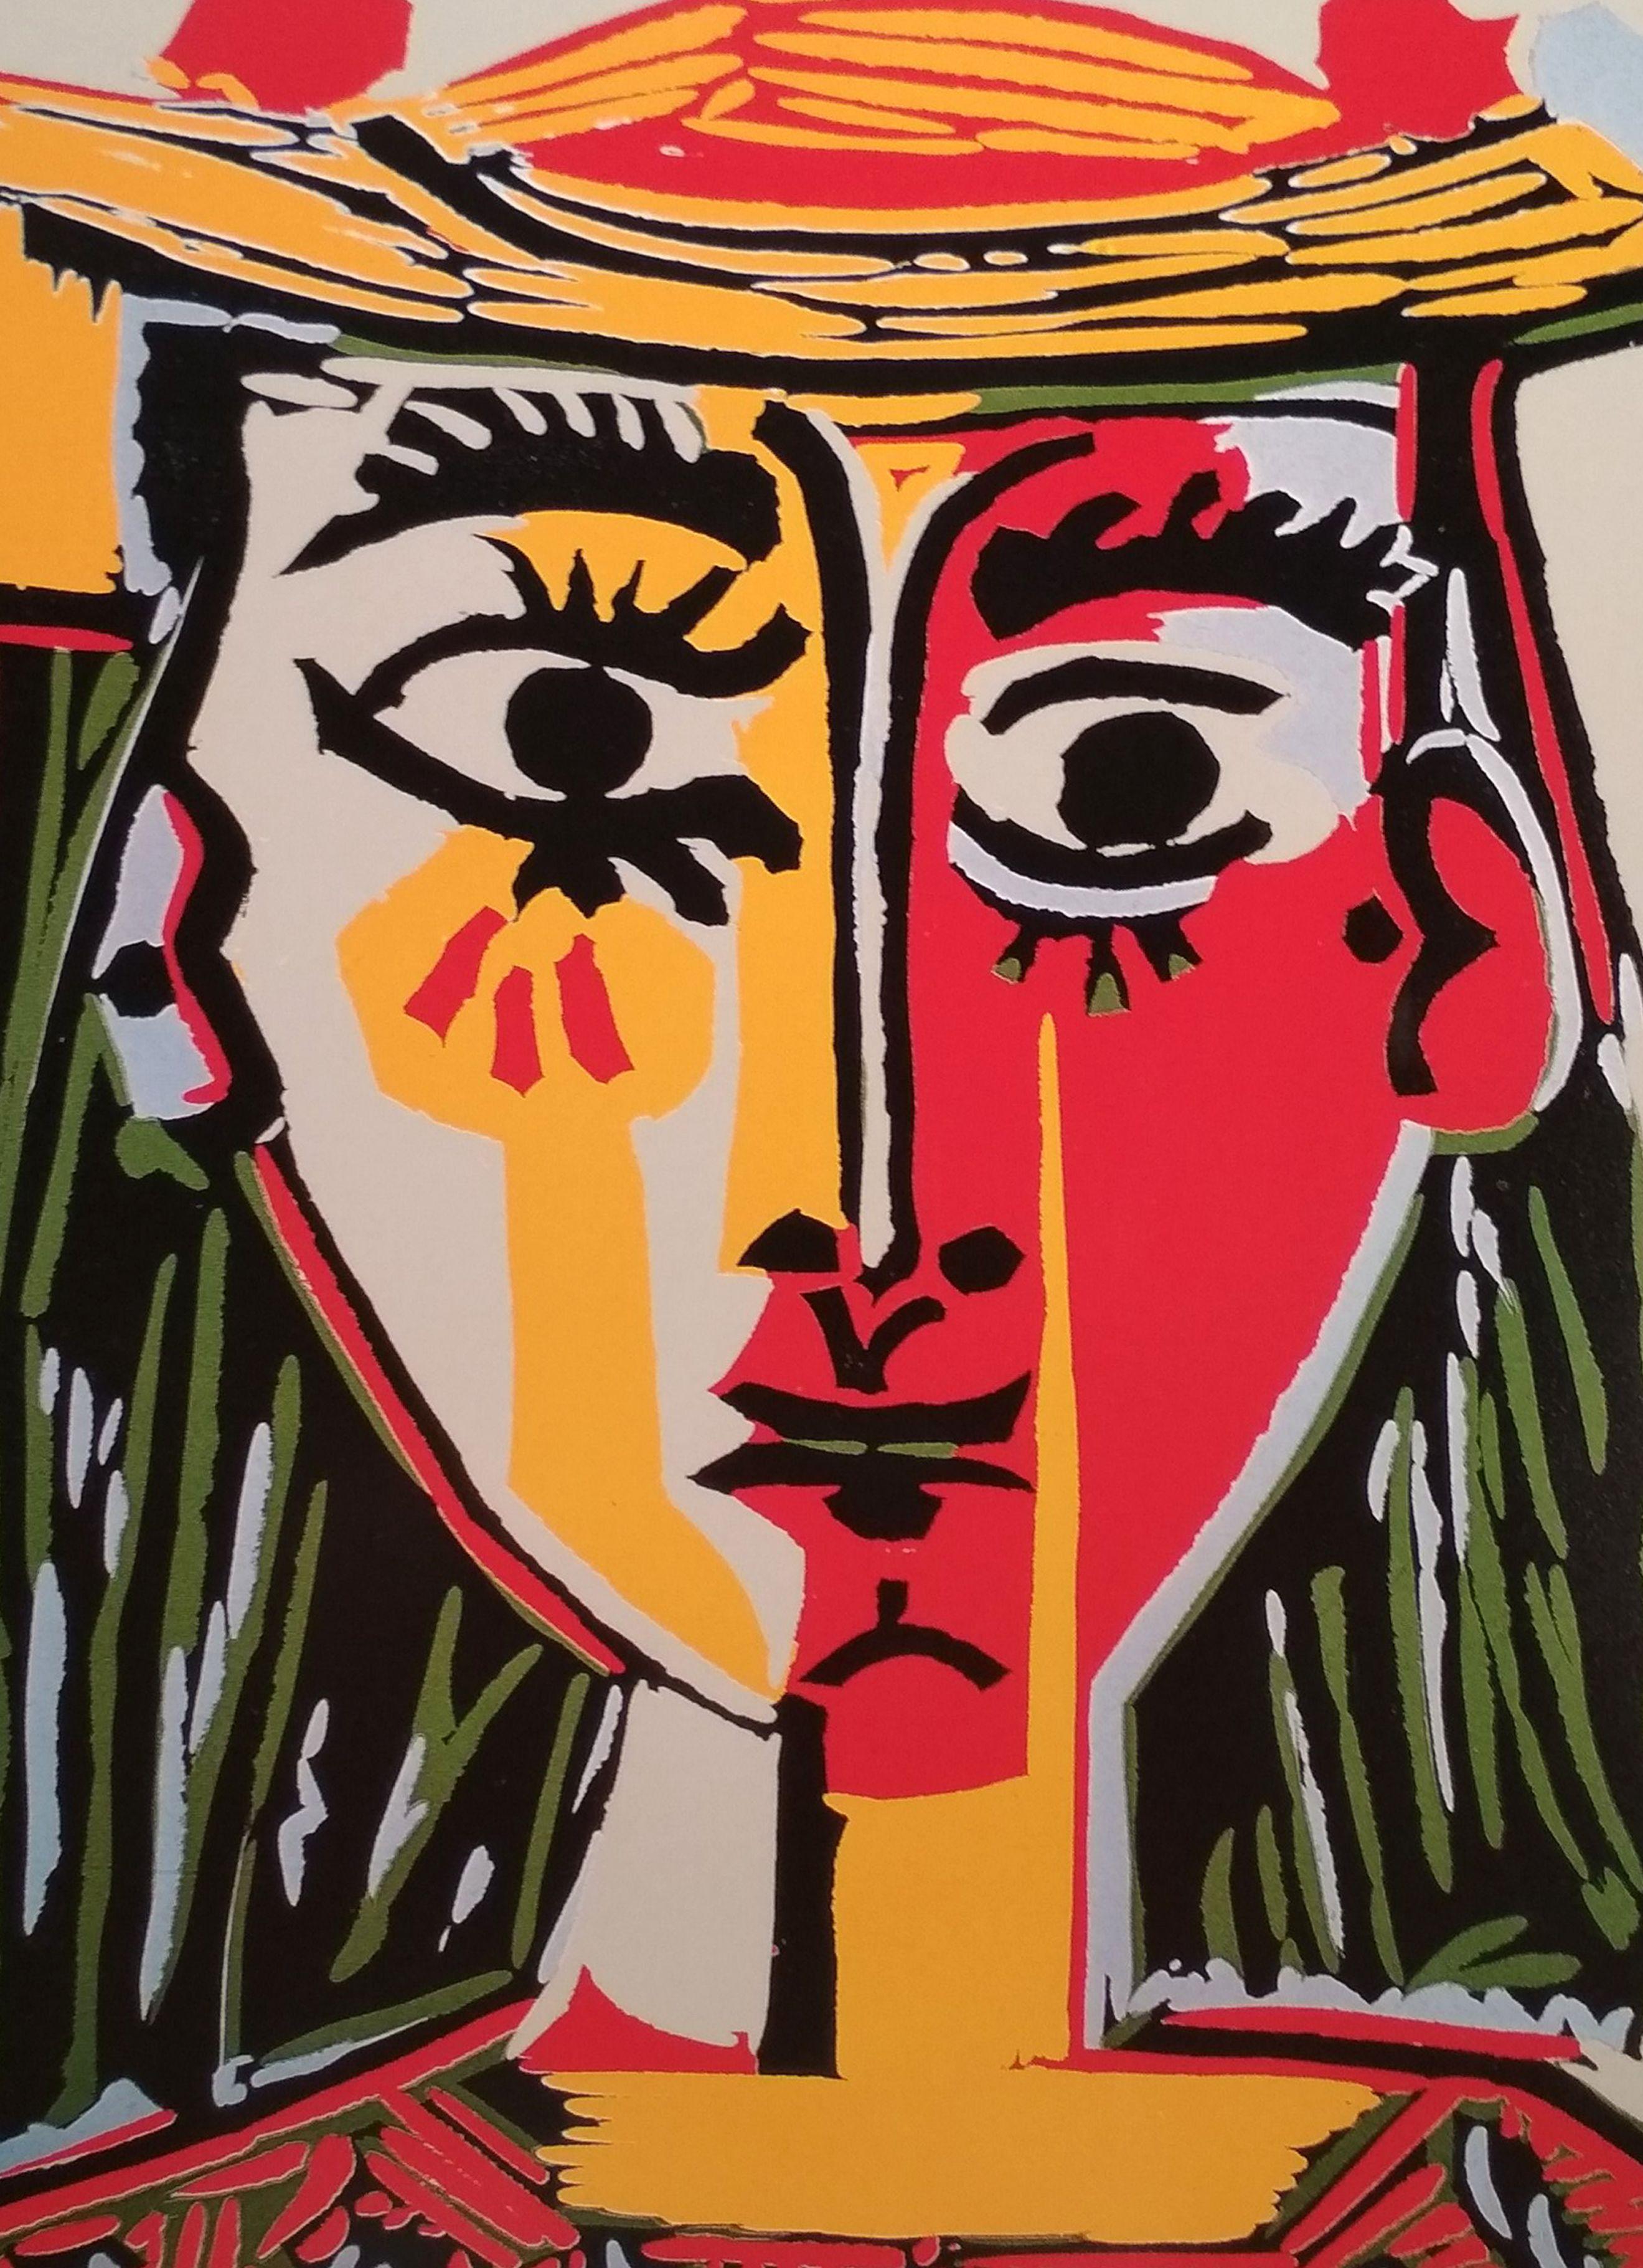 Pablo Picasso Print Head Of A Woman In A Hat 1962 Cubist Art Jacqueline Roque Pablo Picasso Art Cubist Art Picasso Cubism